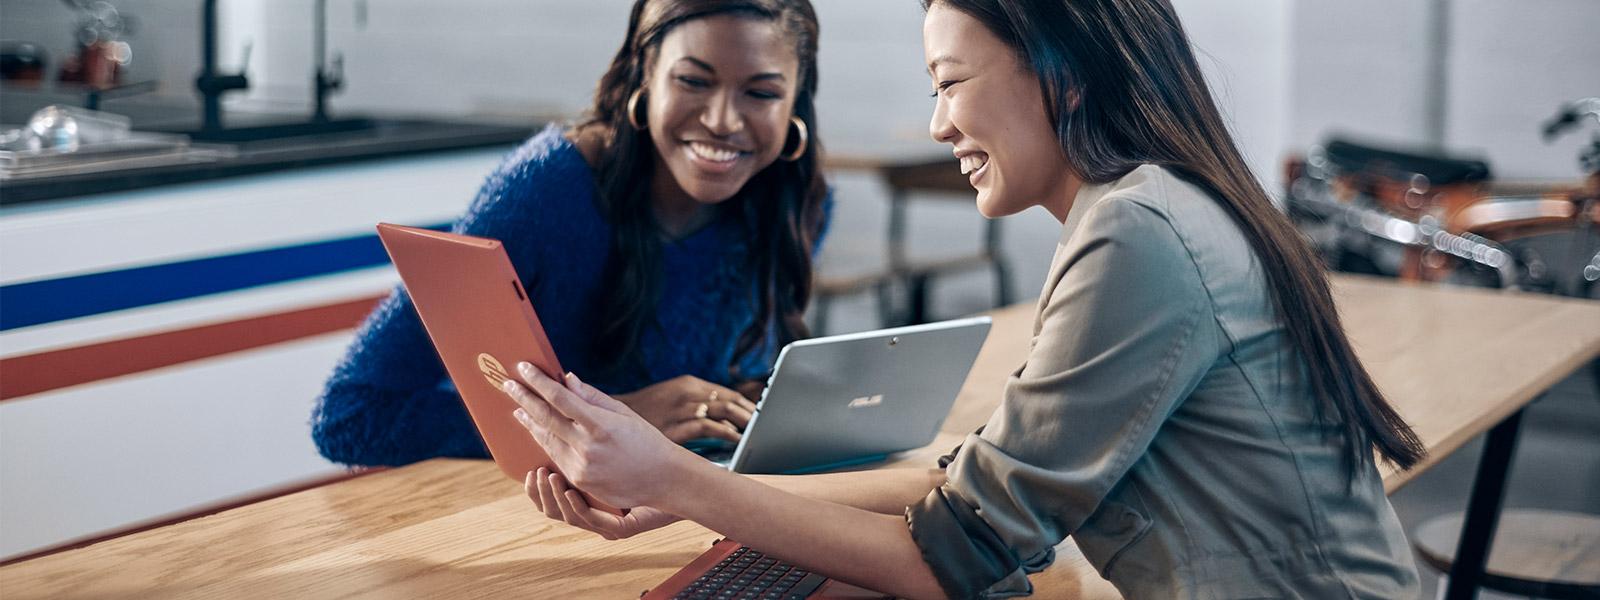 태블릿을 들고 있는 여성을 가운데 두고, 테이블에 앉아 있는 두 여성이 태블릿 화면을 보고 있는 모습